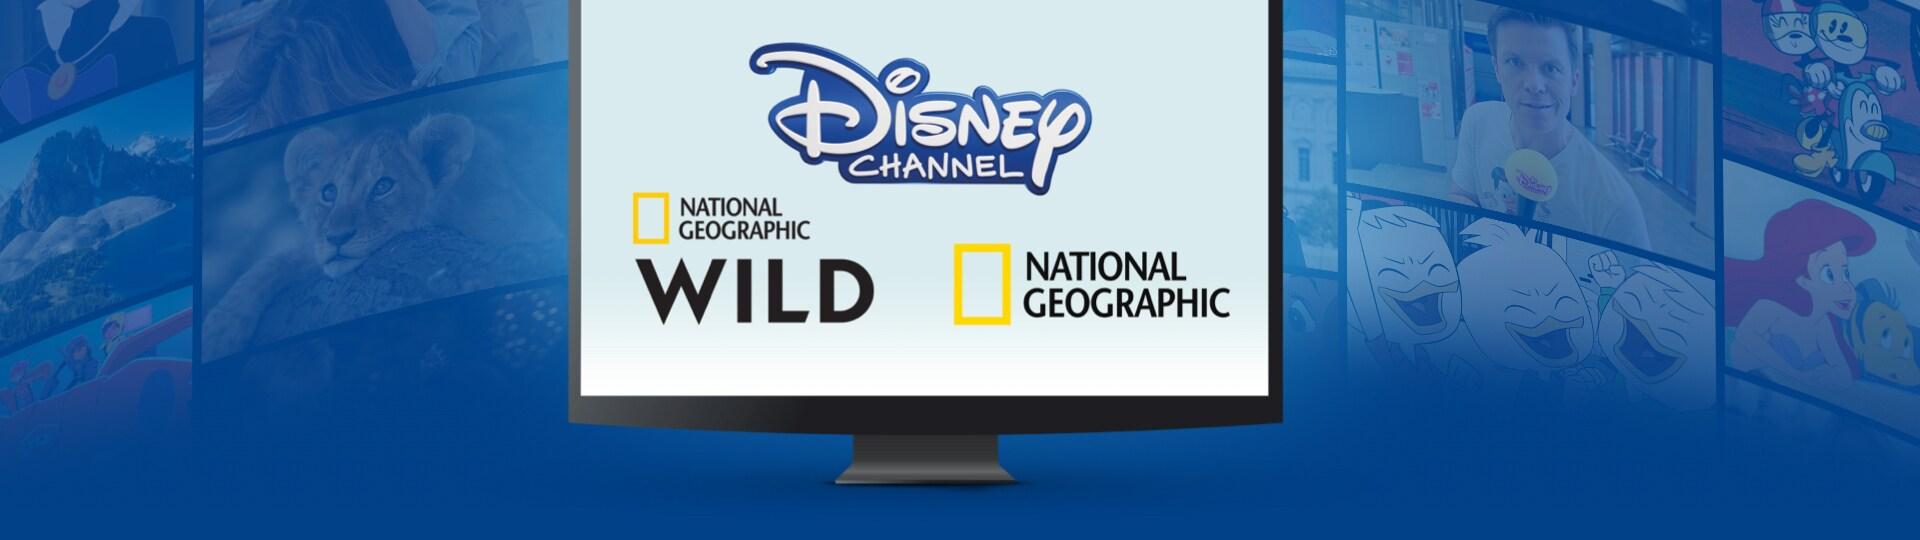 Logos von Disney Channel, National Geographic und National Geographic Wild auf einem Bildschirm, Szenen von Disney-Shows im Hintergrund